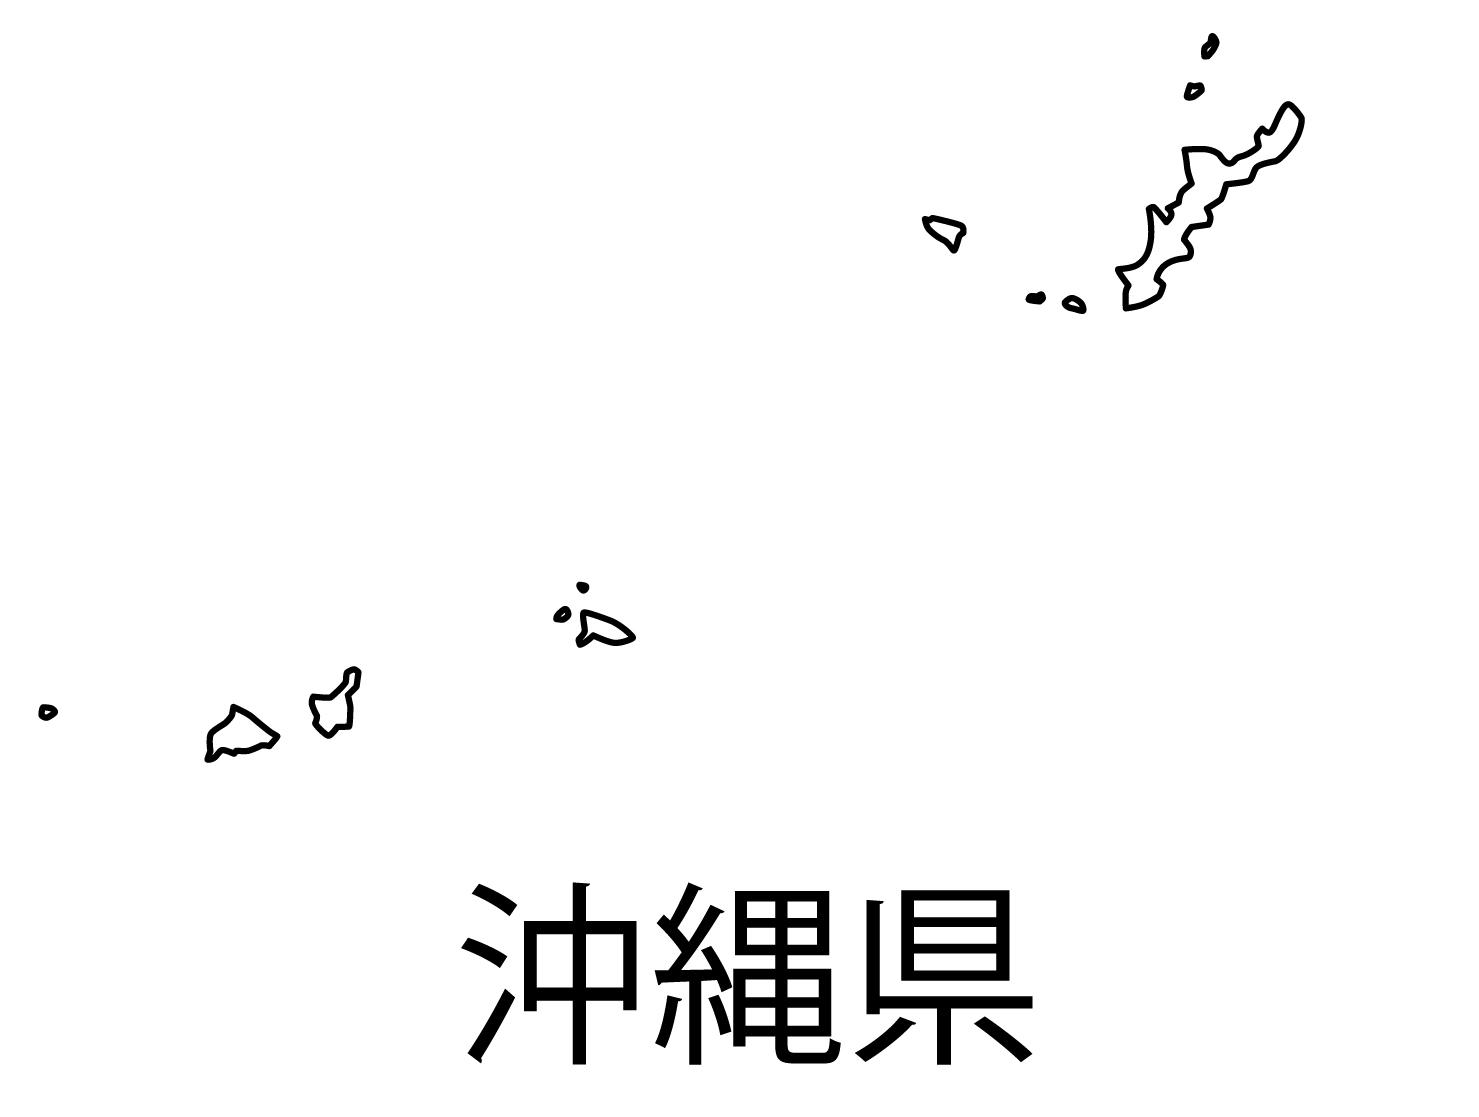 沖縄県無料フリーイラスト|日本語・都道府県名あり(白)